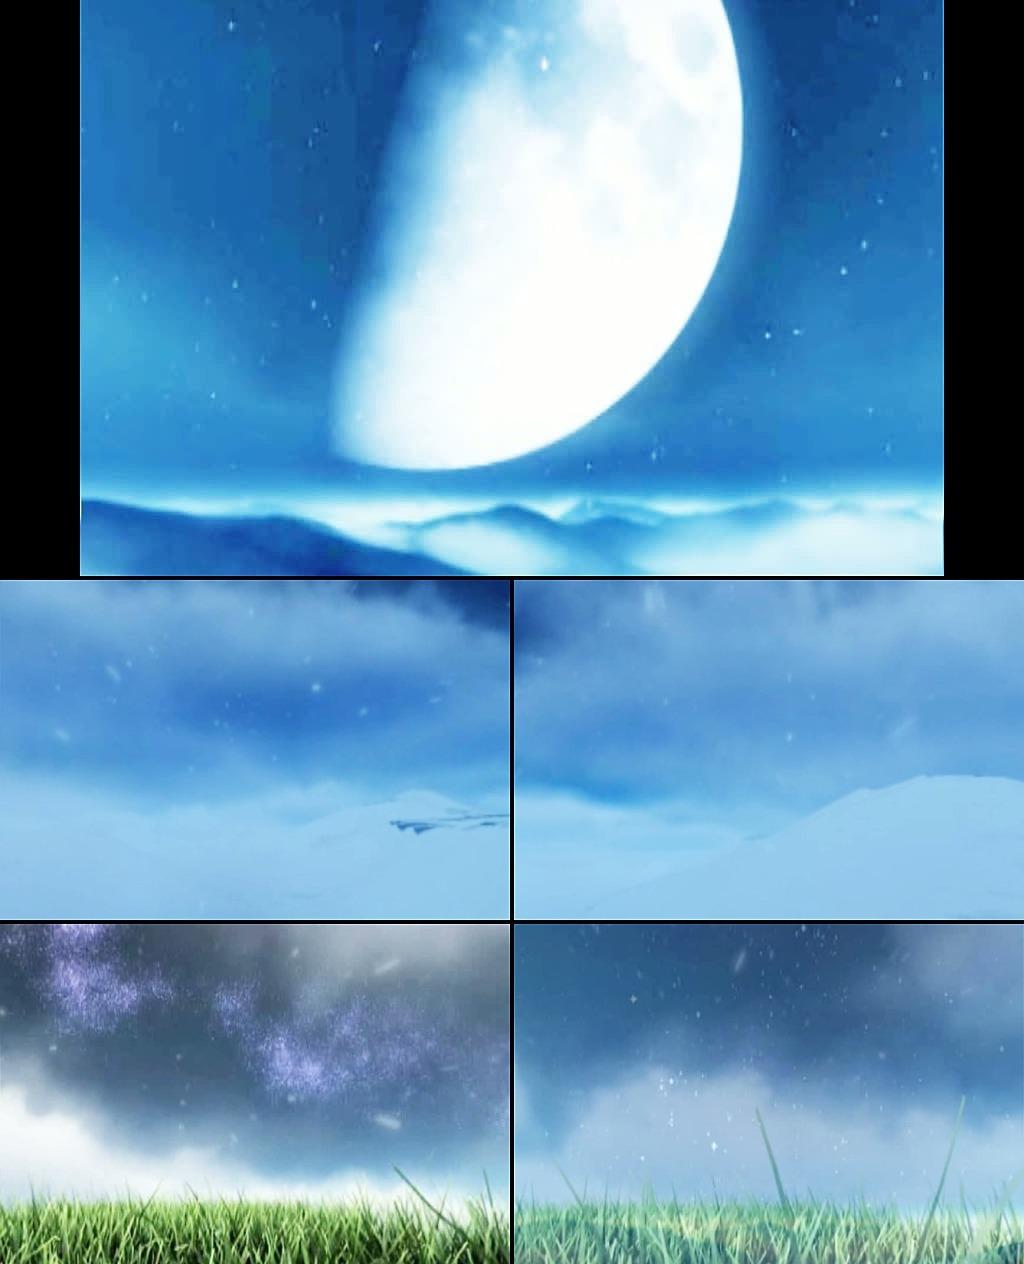 蓝色星空背景图片素材